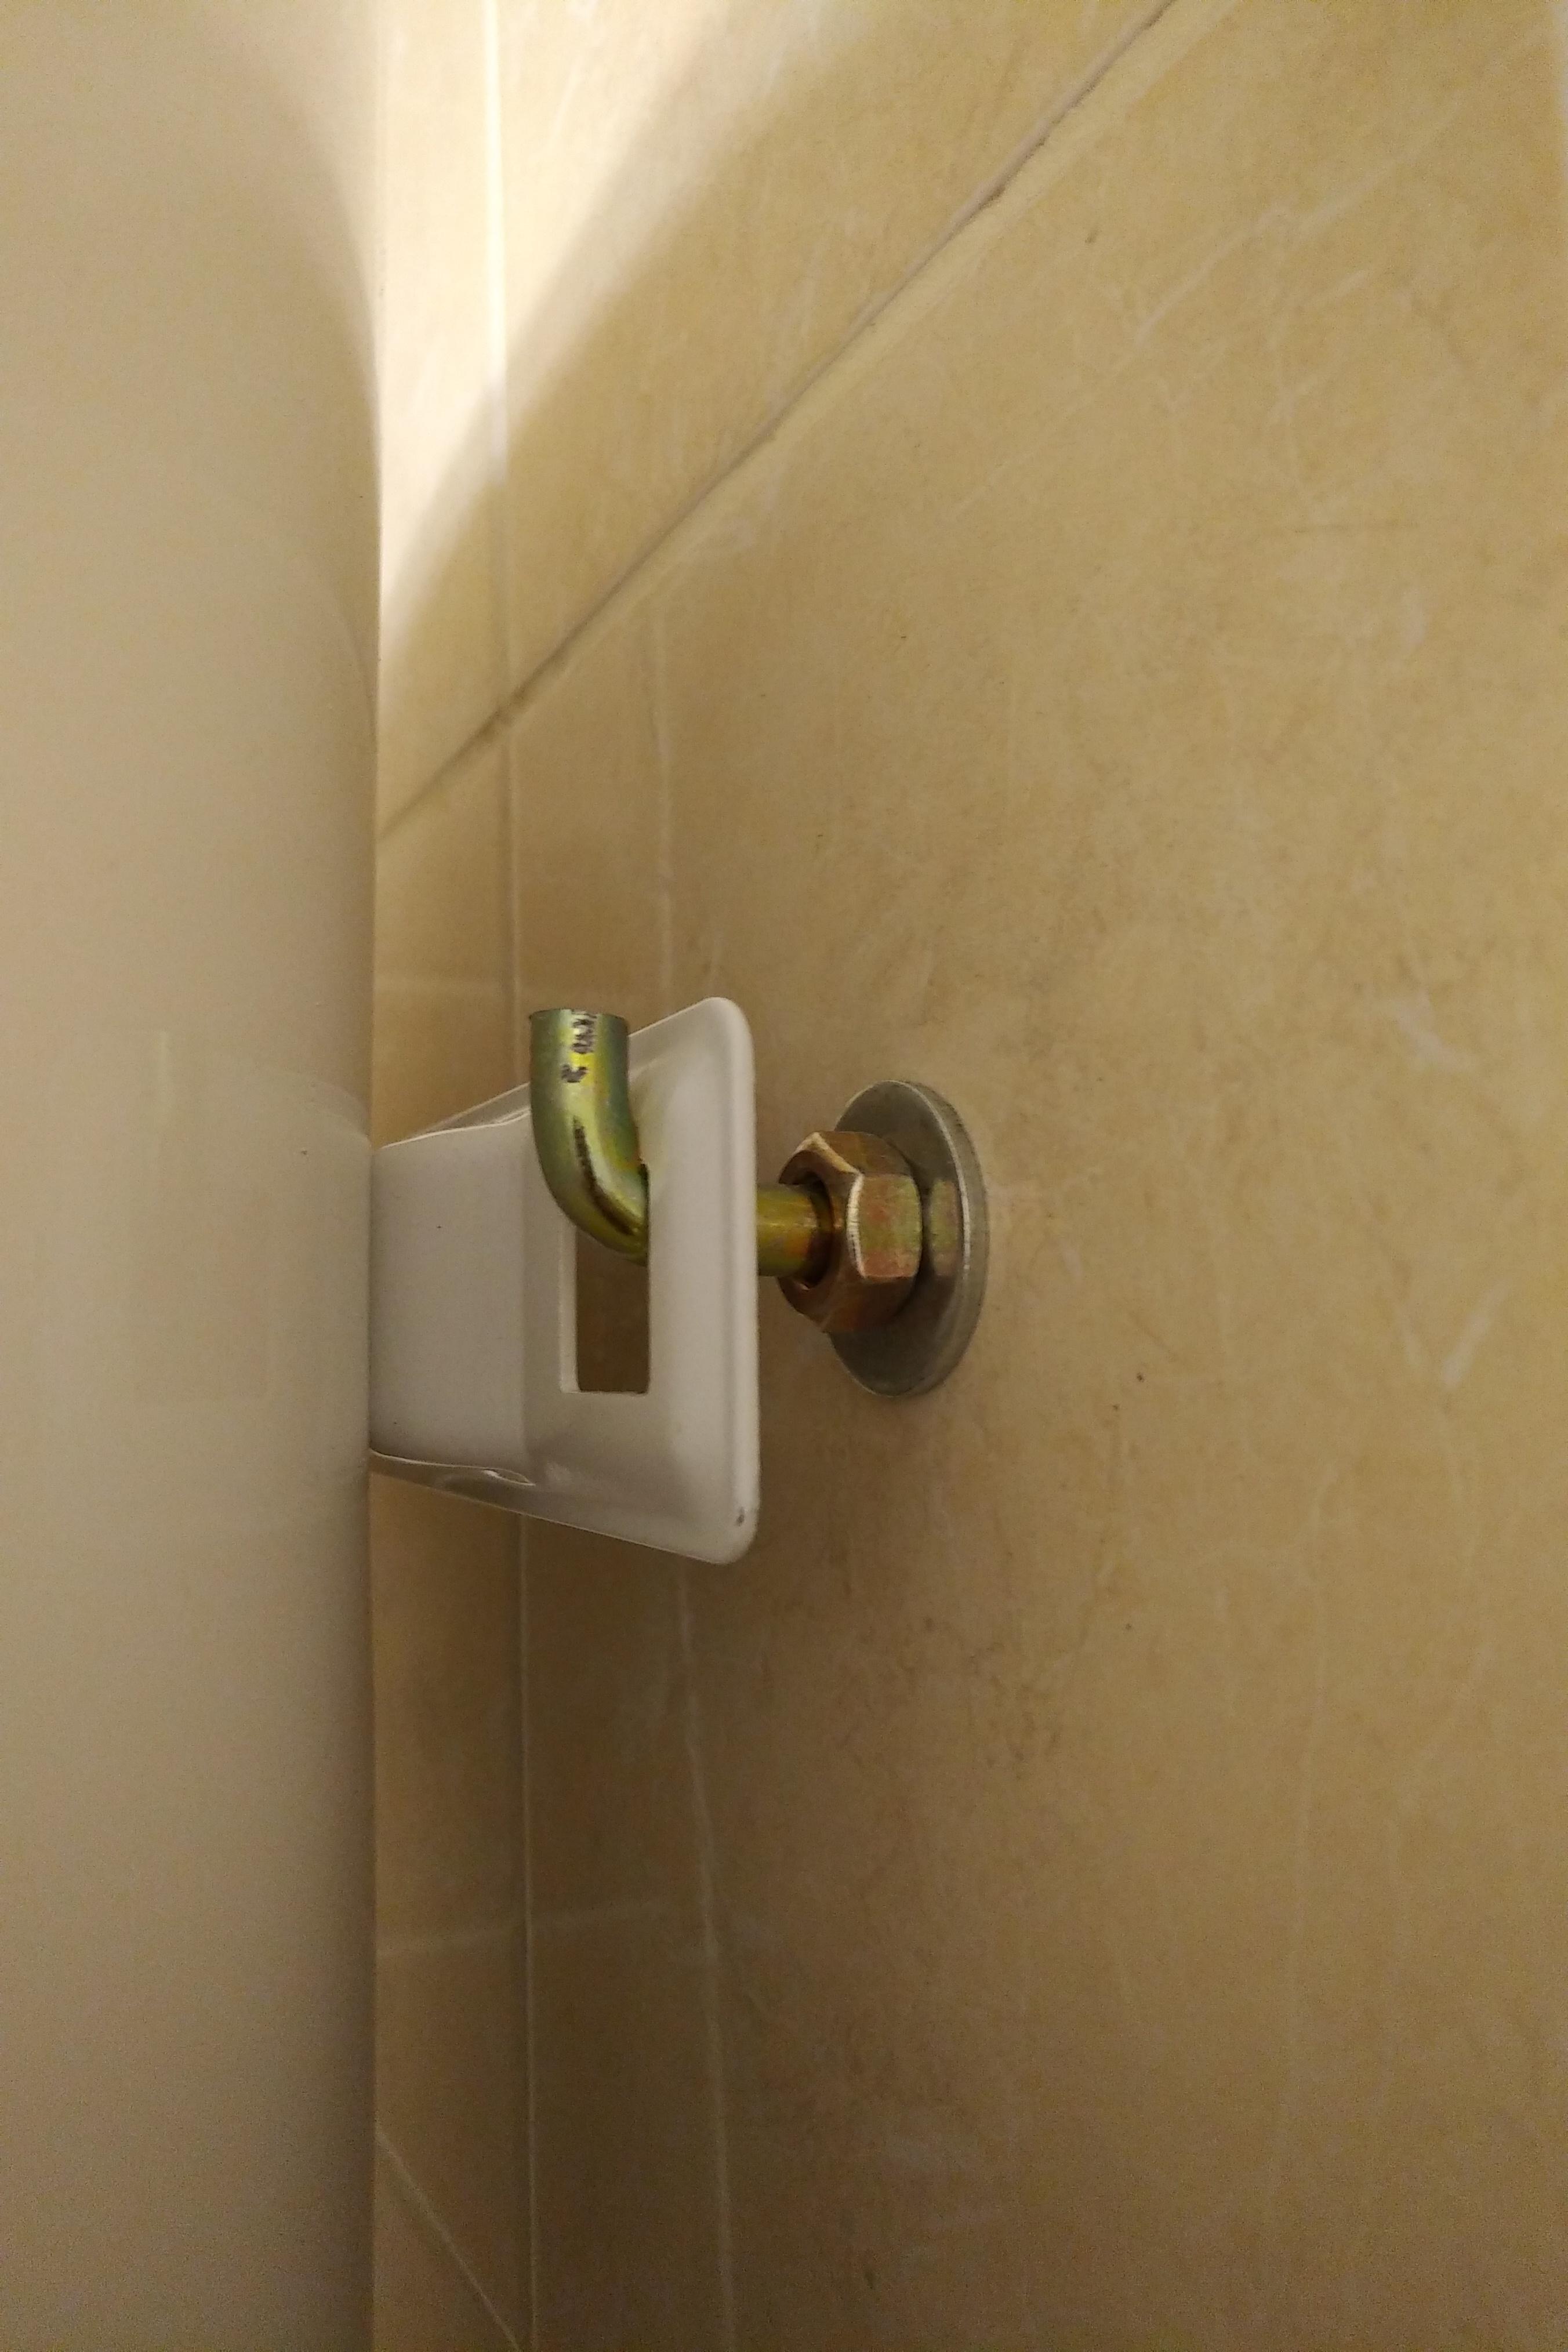 Как повесить водонагреватель на гипсокартон | gipsportal вешаем водонагреватели на гипсокартонные стены правильно — gipsportal